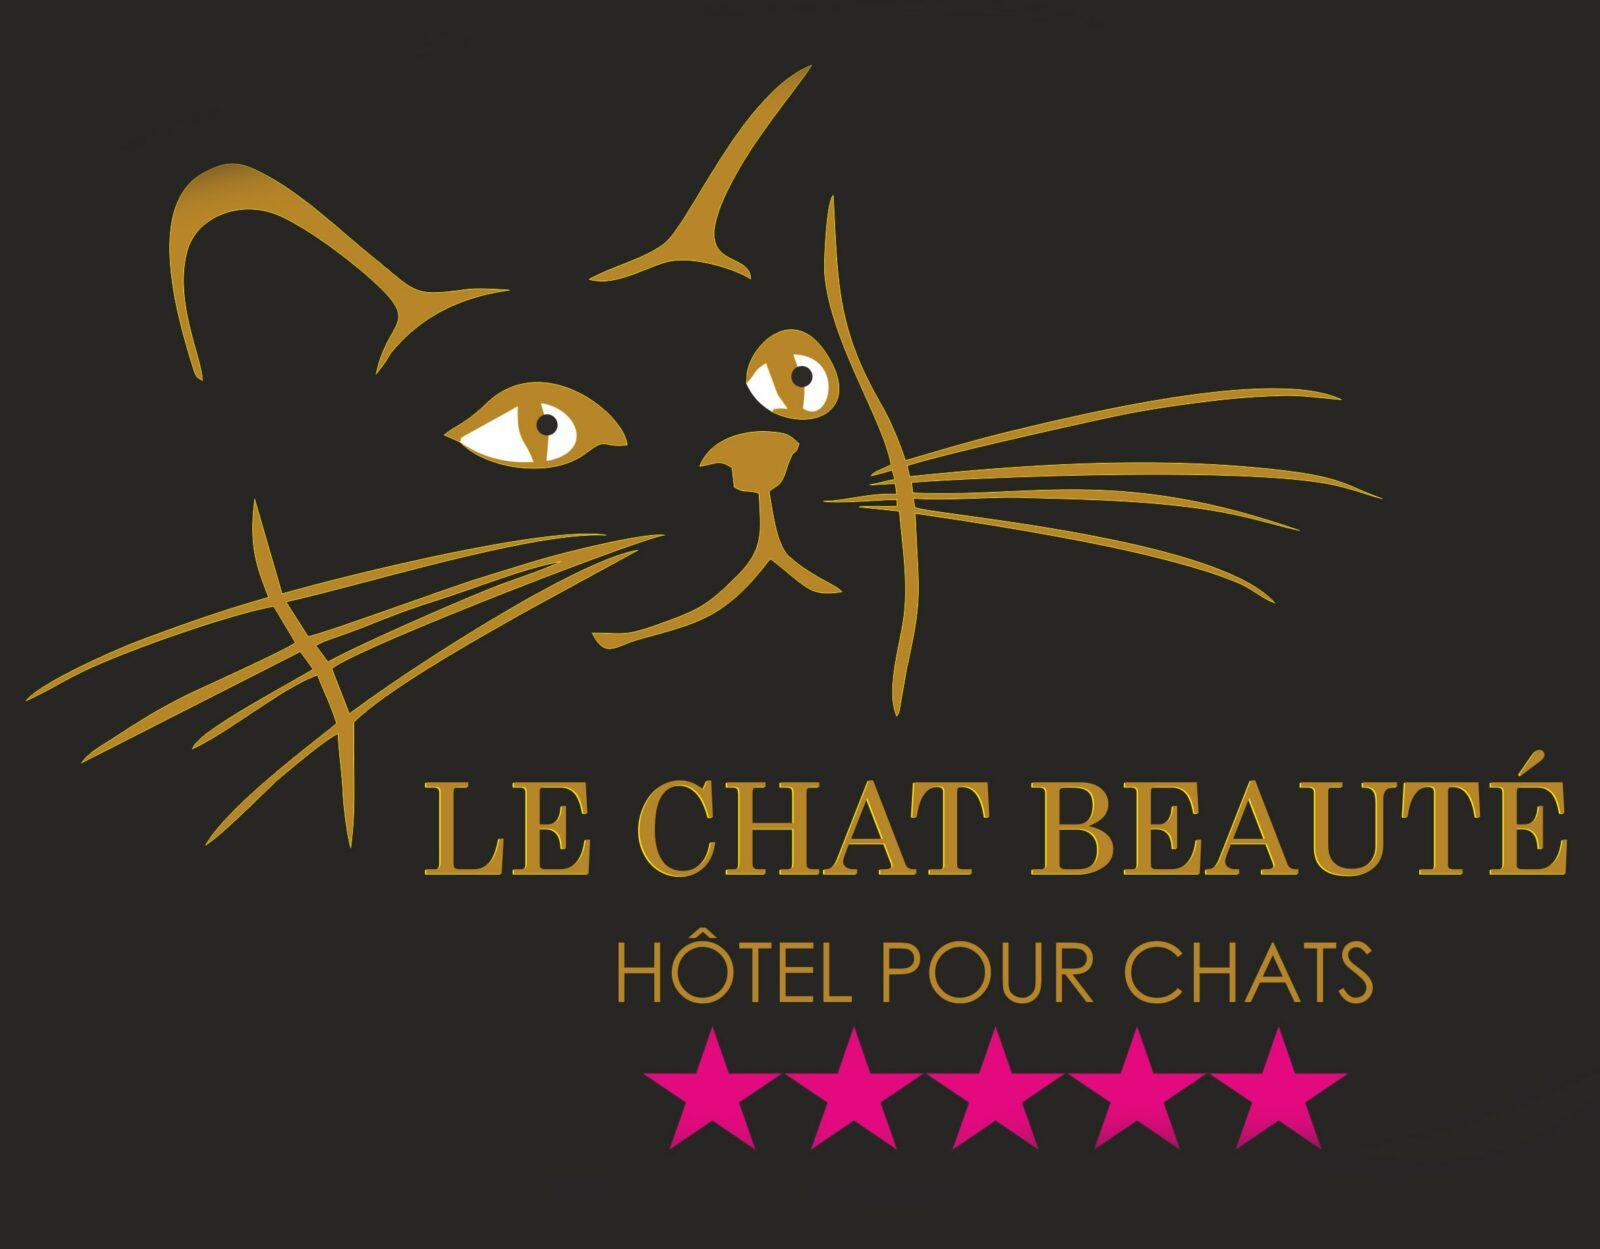 Hôtel Chat Beauté